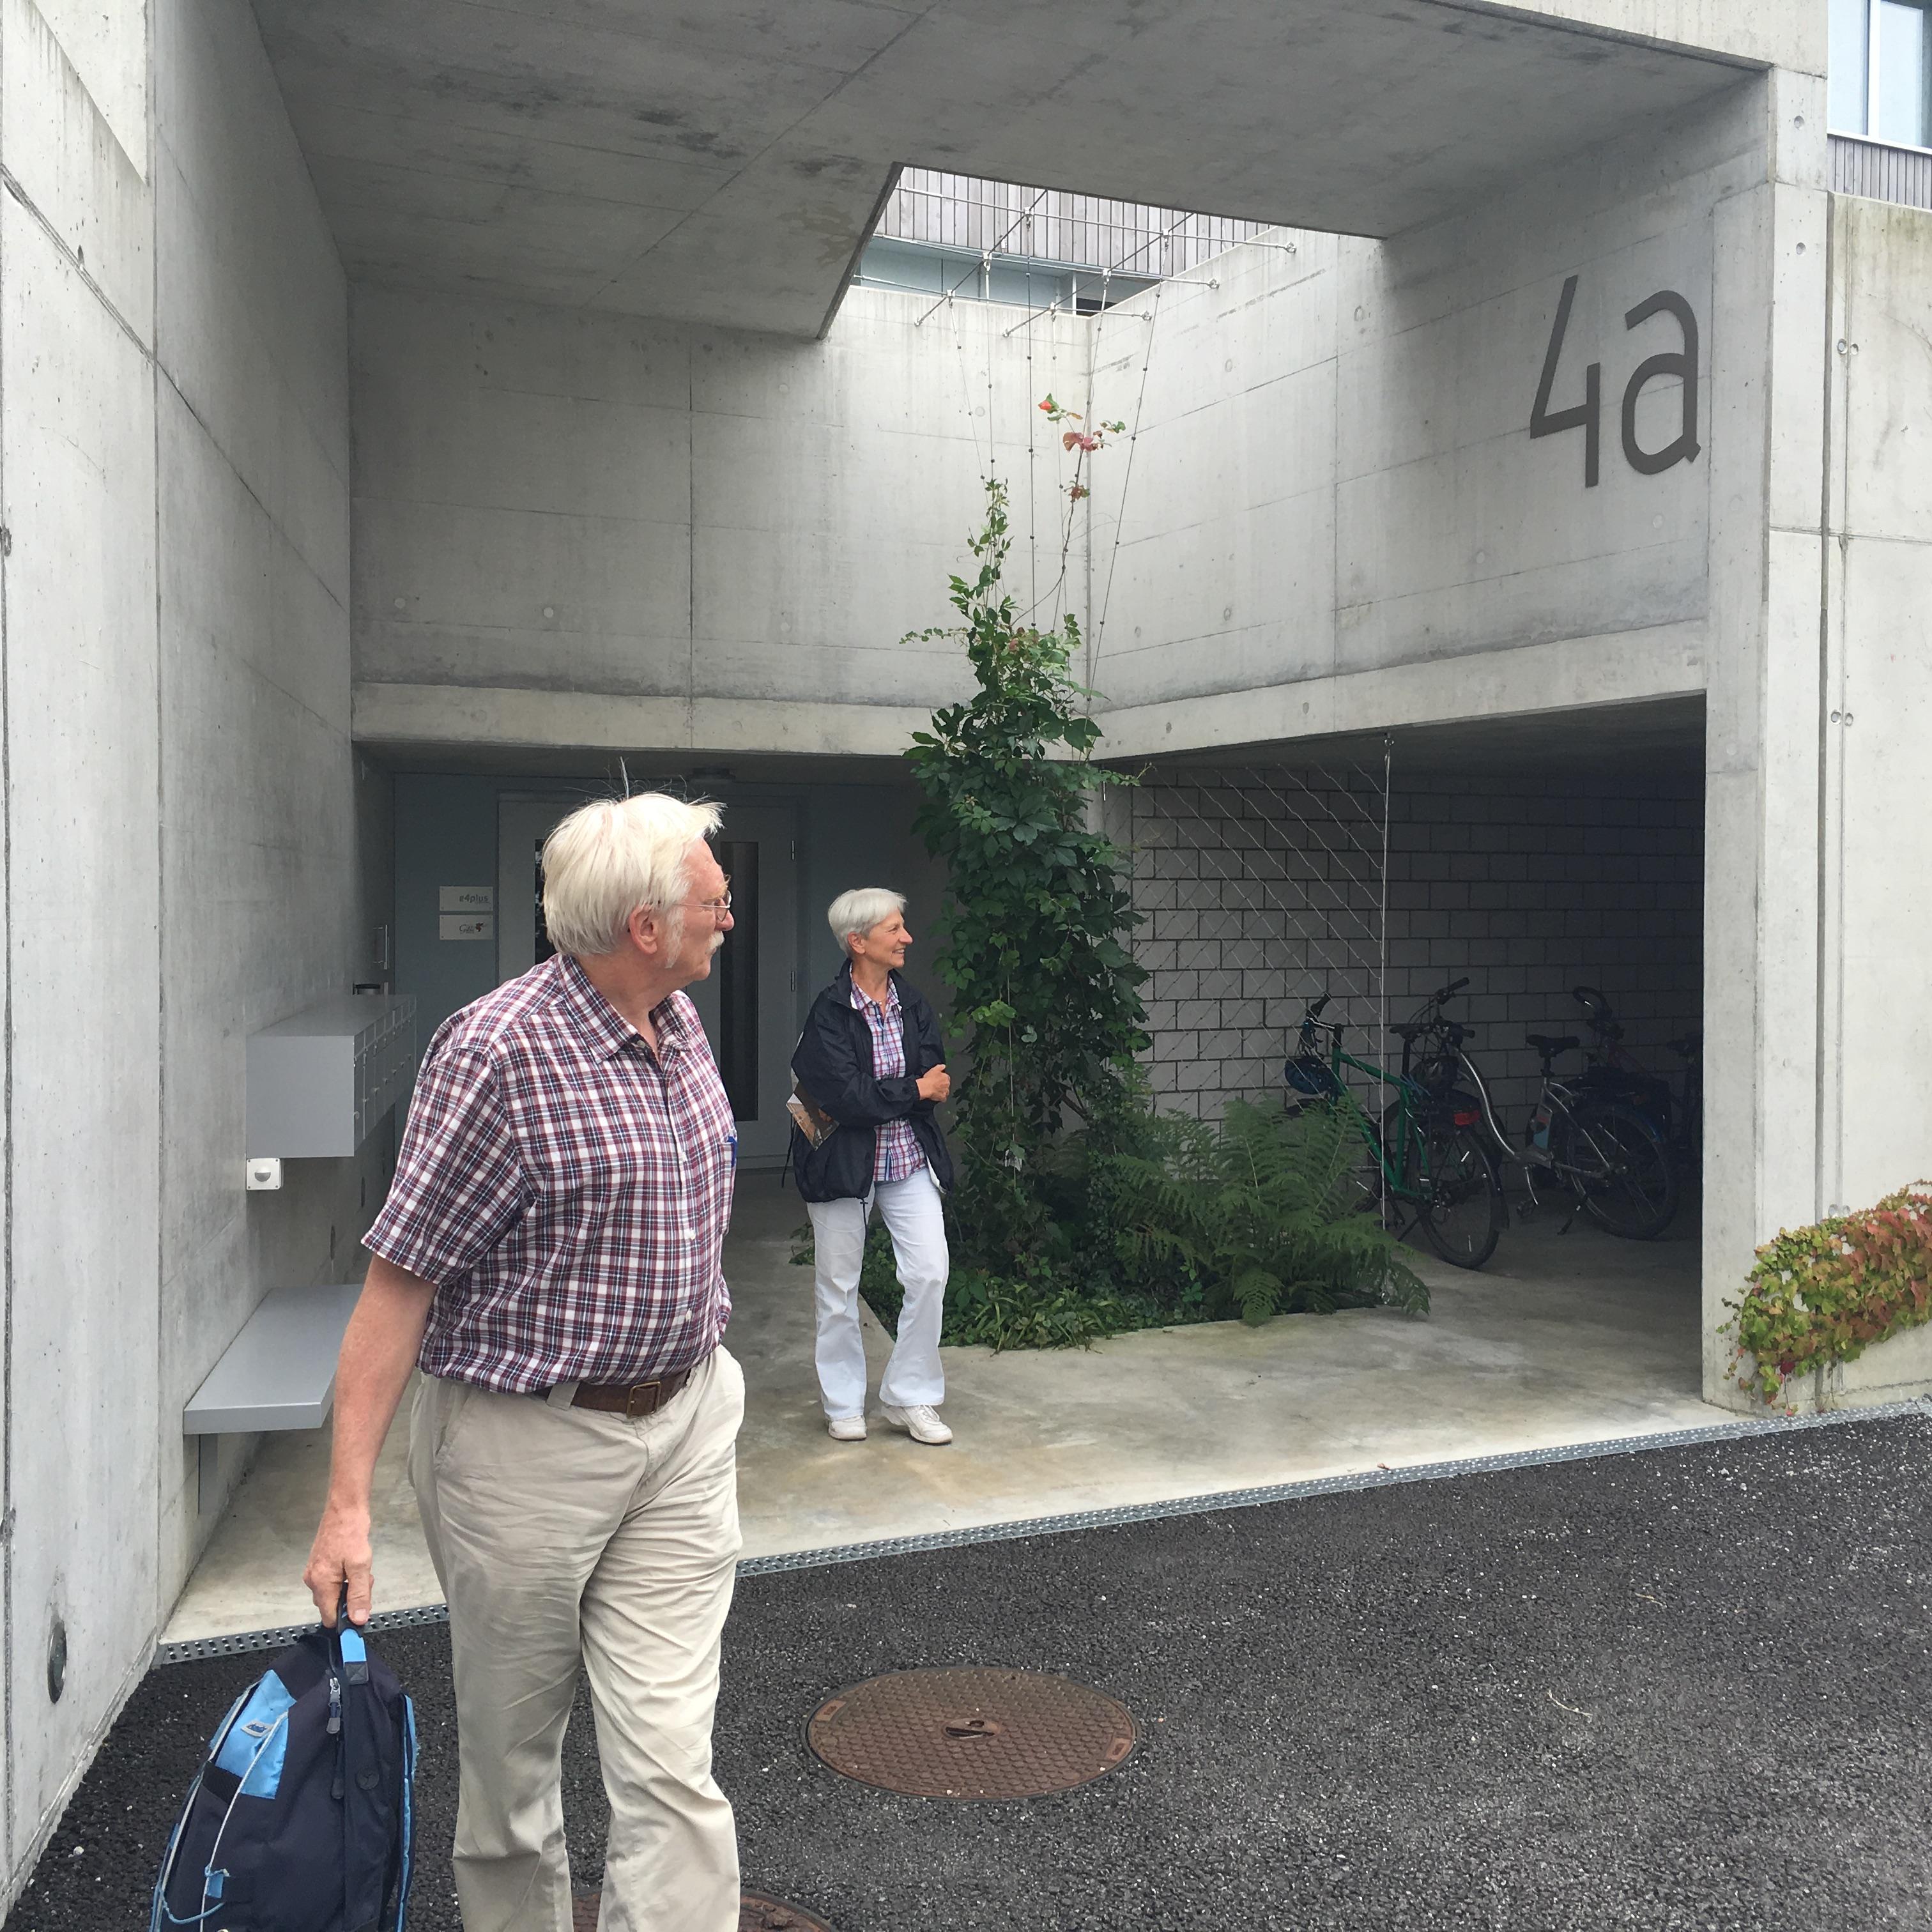 Der Eingang zum Haus liegt theoretisch (wegen der Hanglage) in einem nicht sichtbaren Untergeschoss.